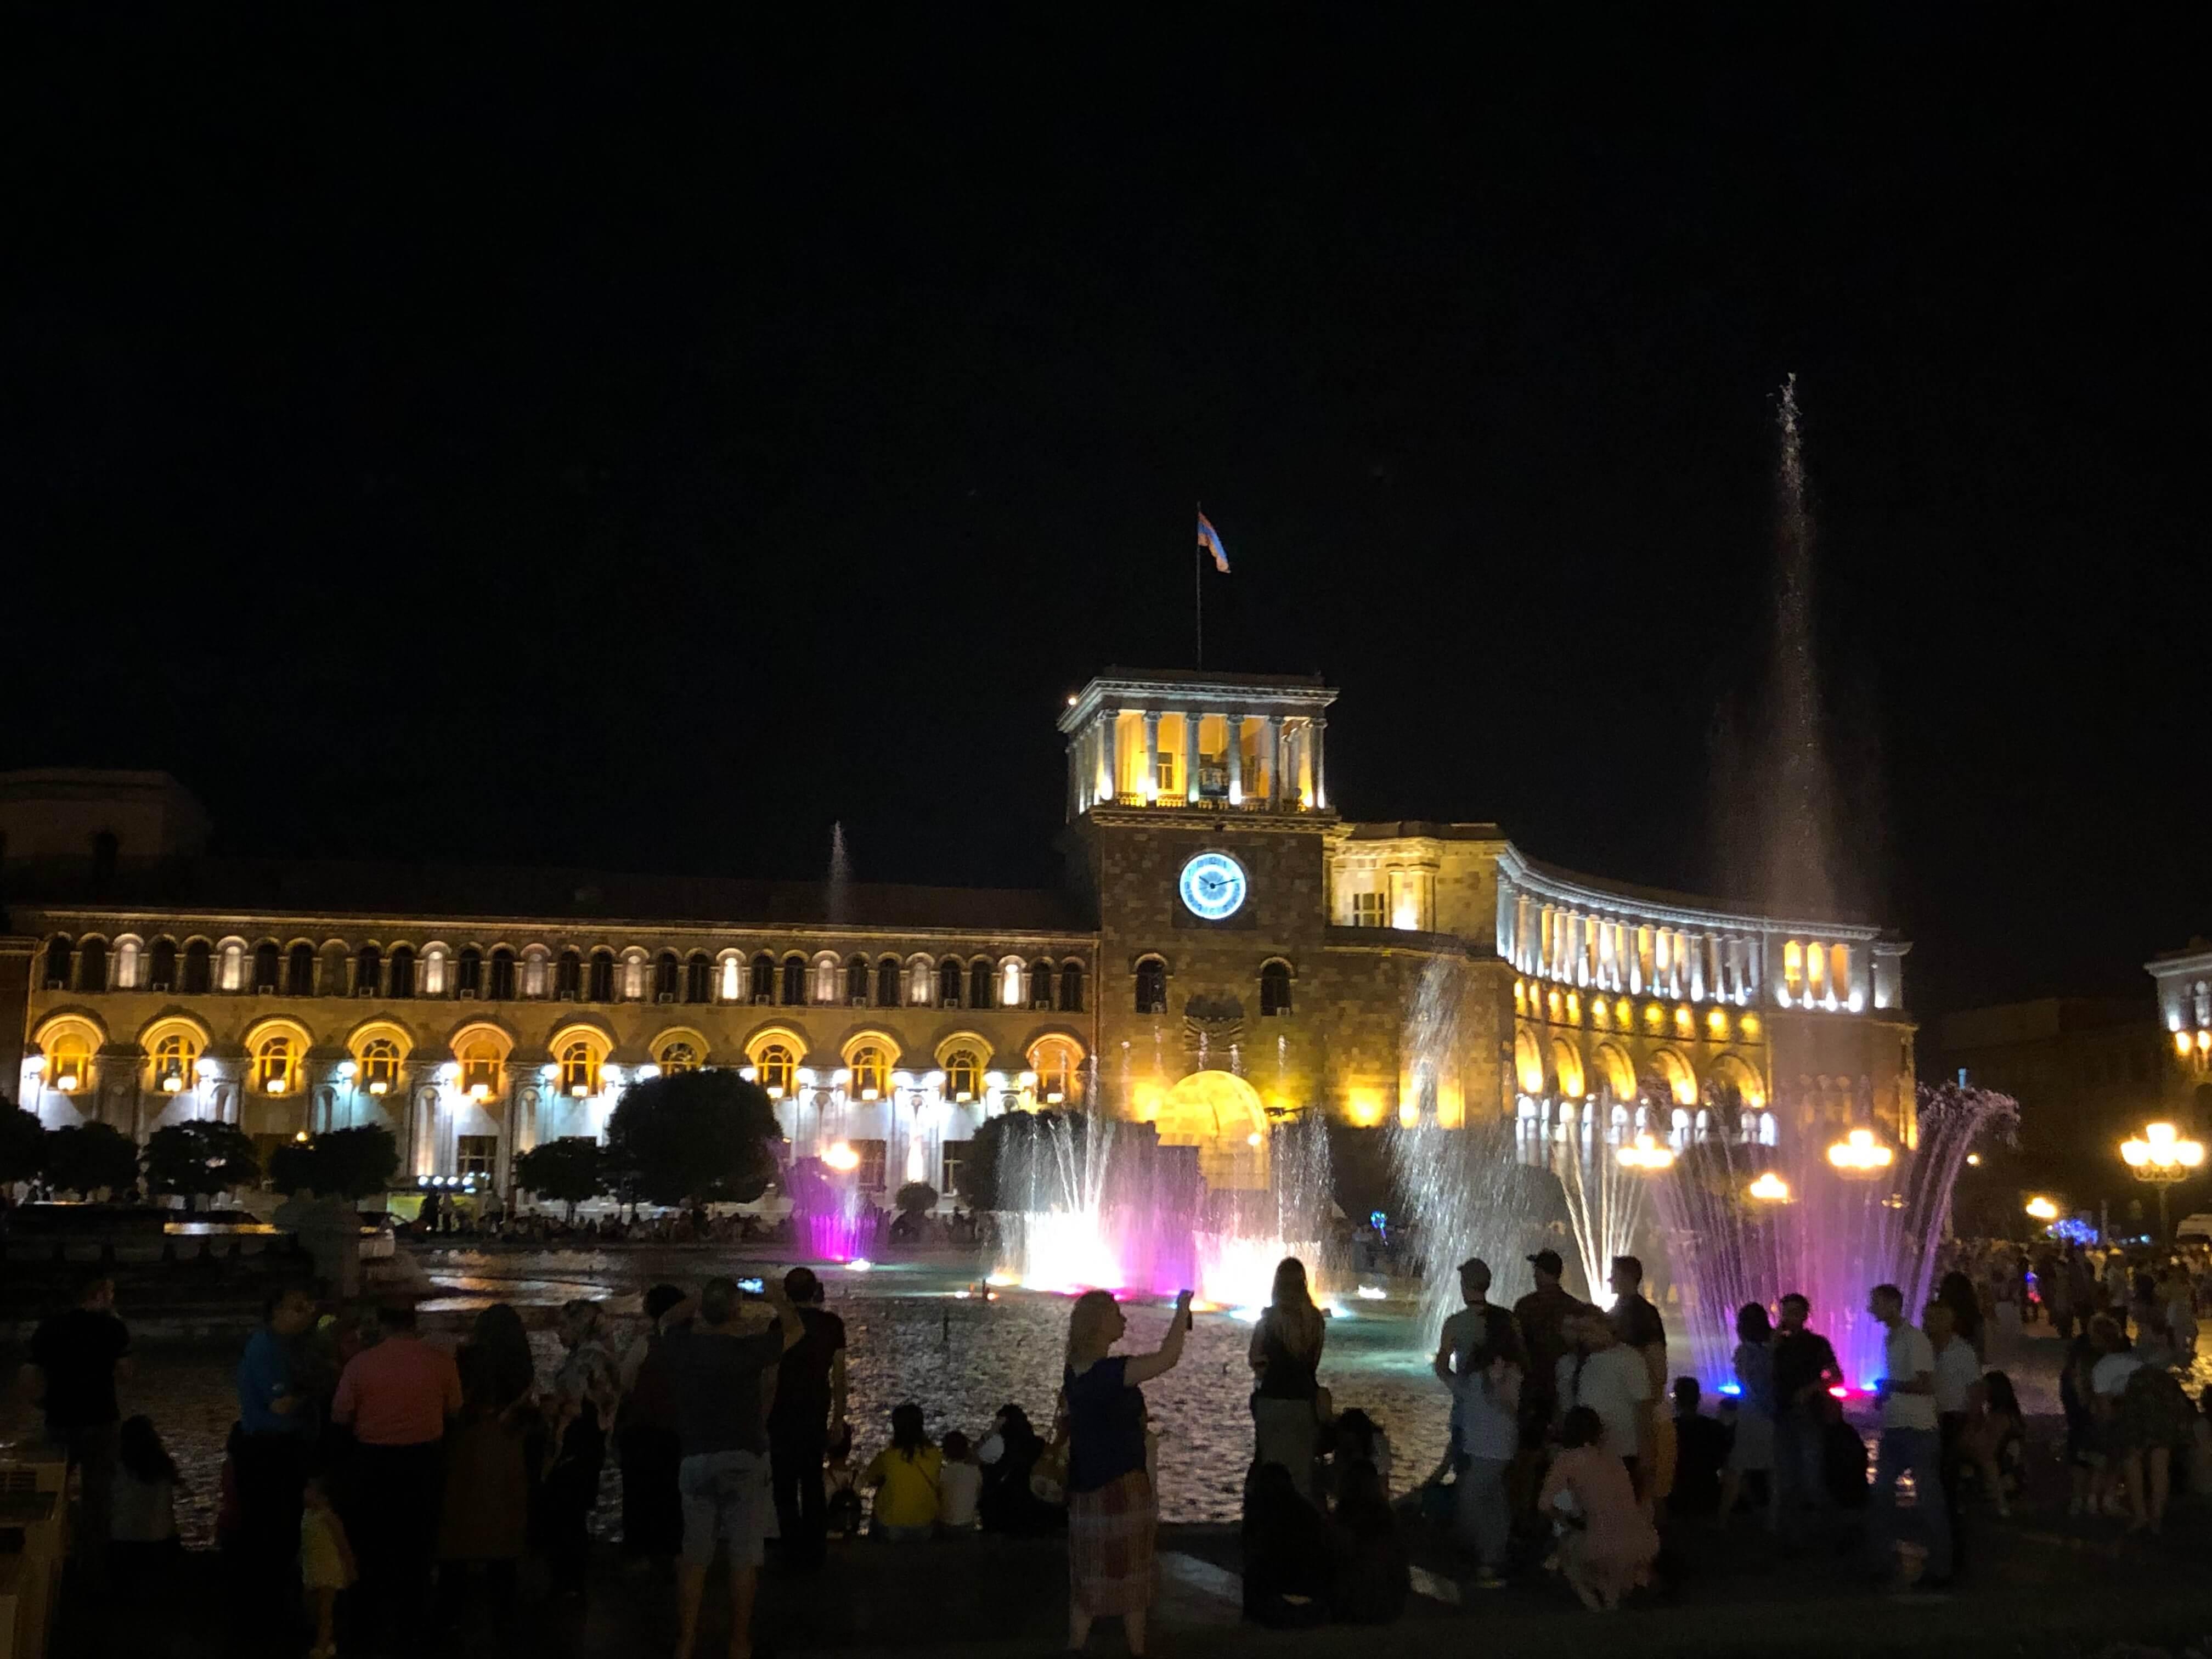 IMG 4972 - 【アルメニア エレバン】ズヴァルトノッツ国際空港への行き方とプライオリティーパスが使えるラウンジ